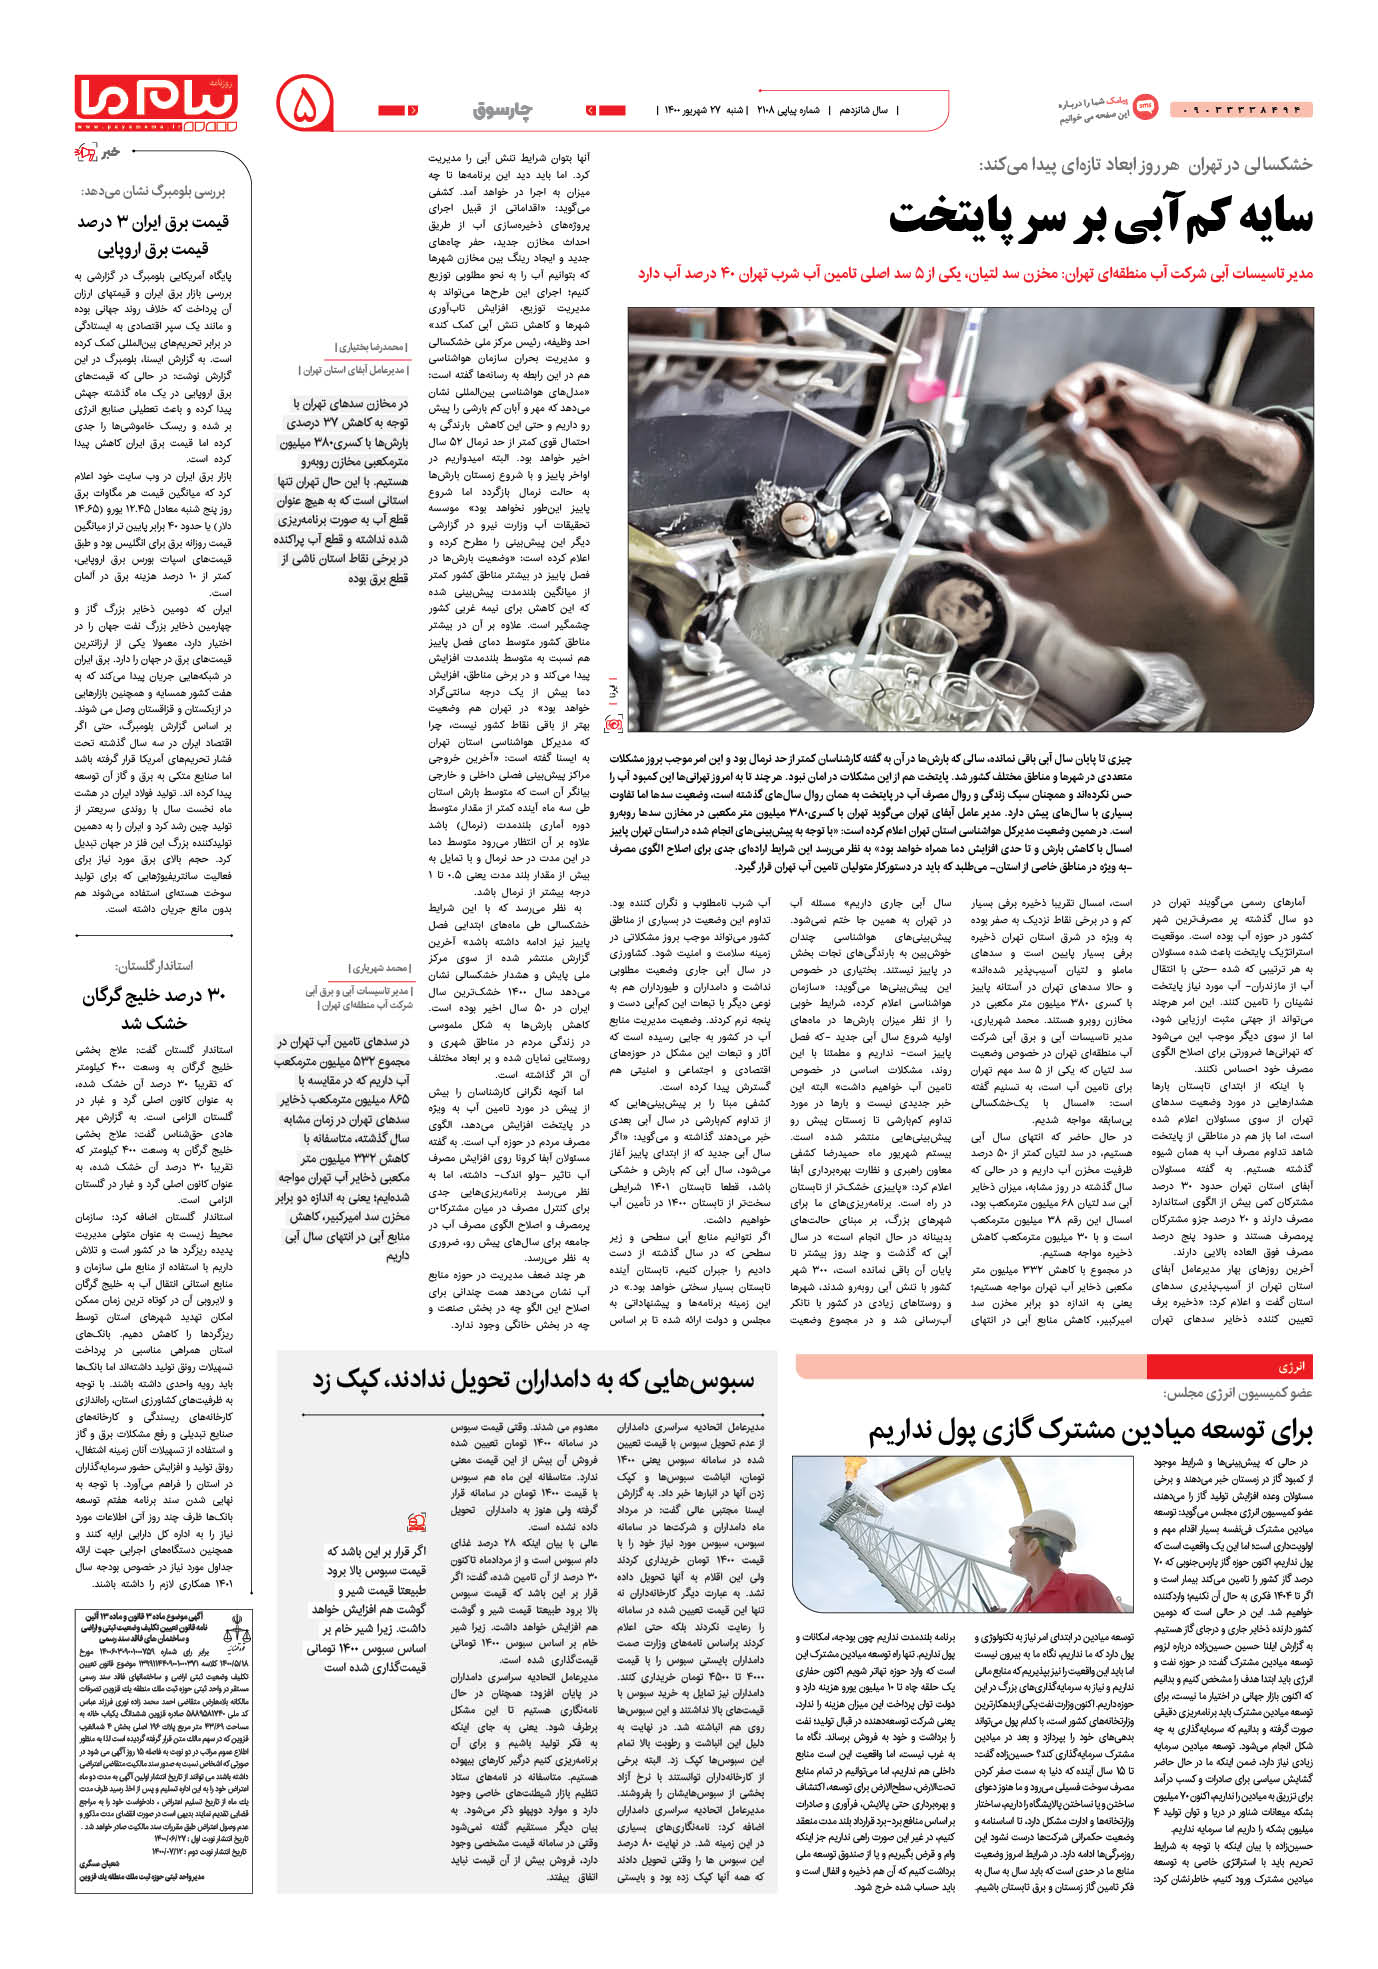 صفحه چارسوق شماره 2108 روزنامه پیام ما